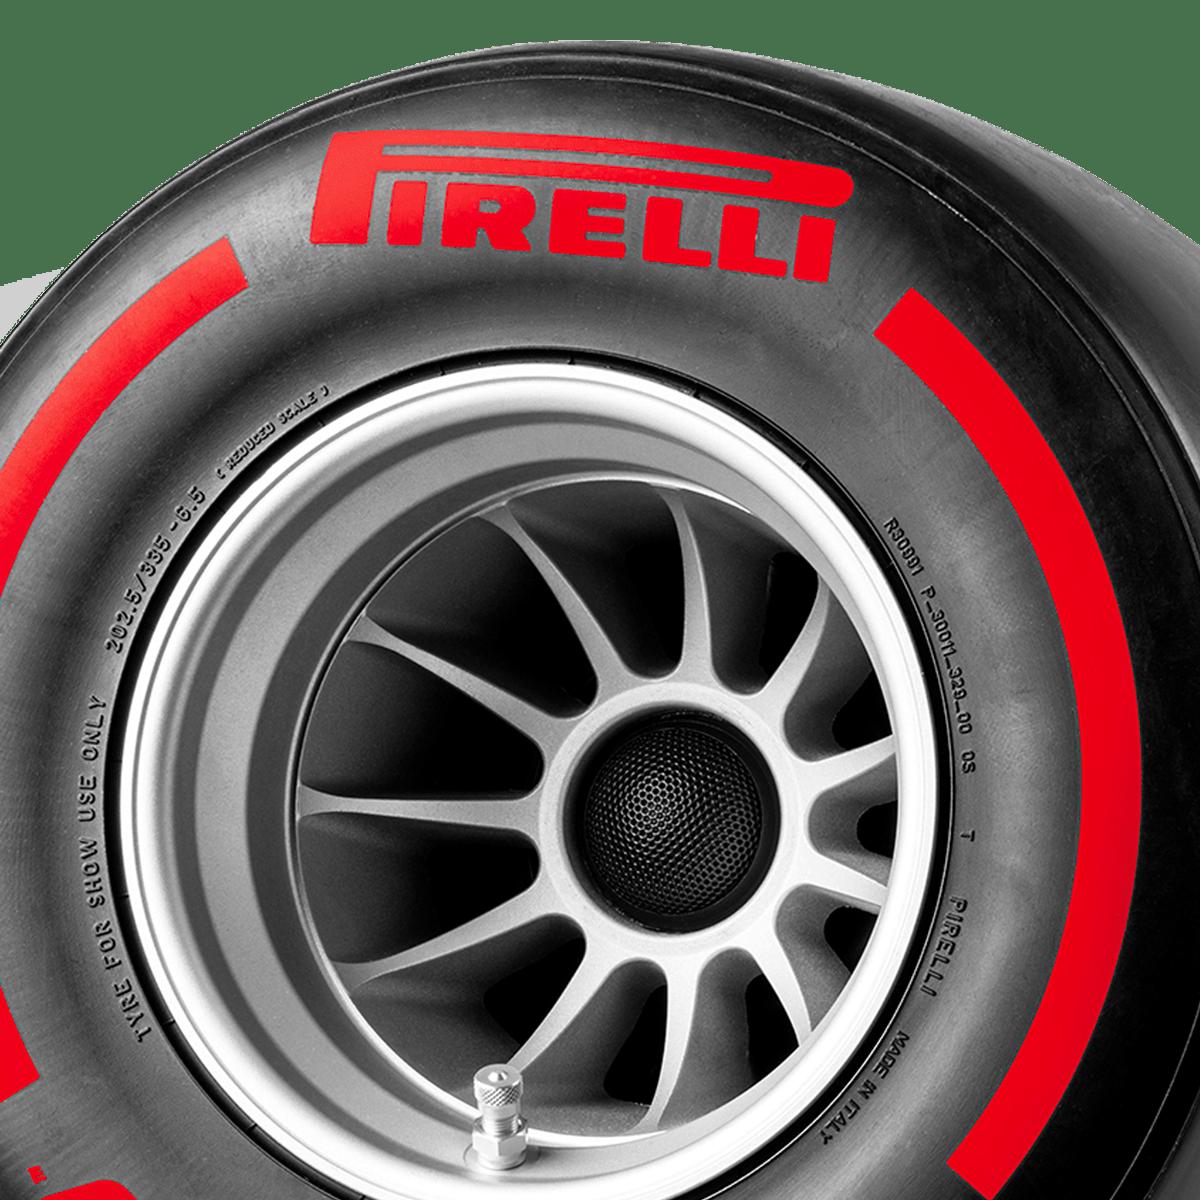 Pirelli P ZERO™ casse acustiche colore rosso